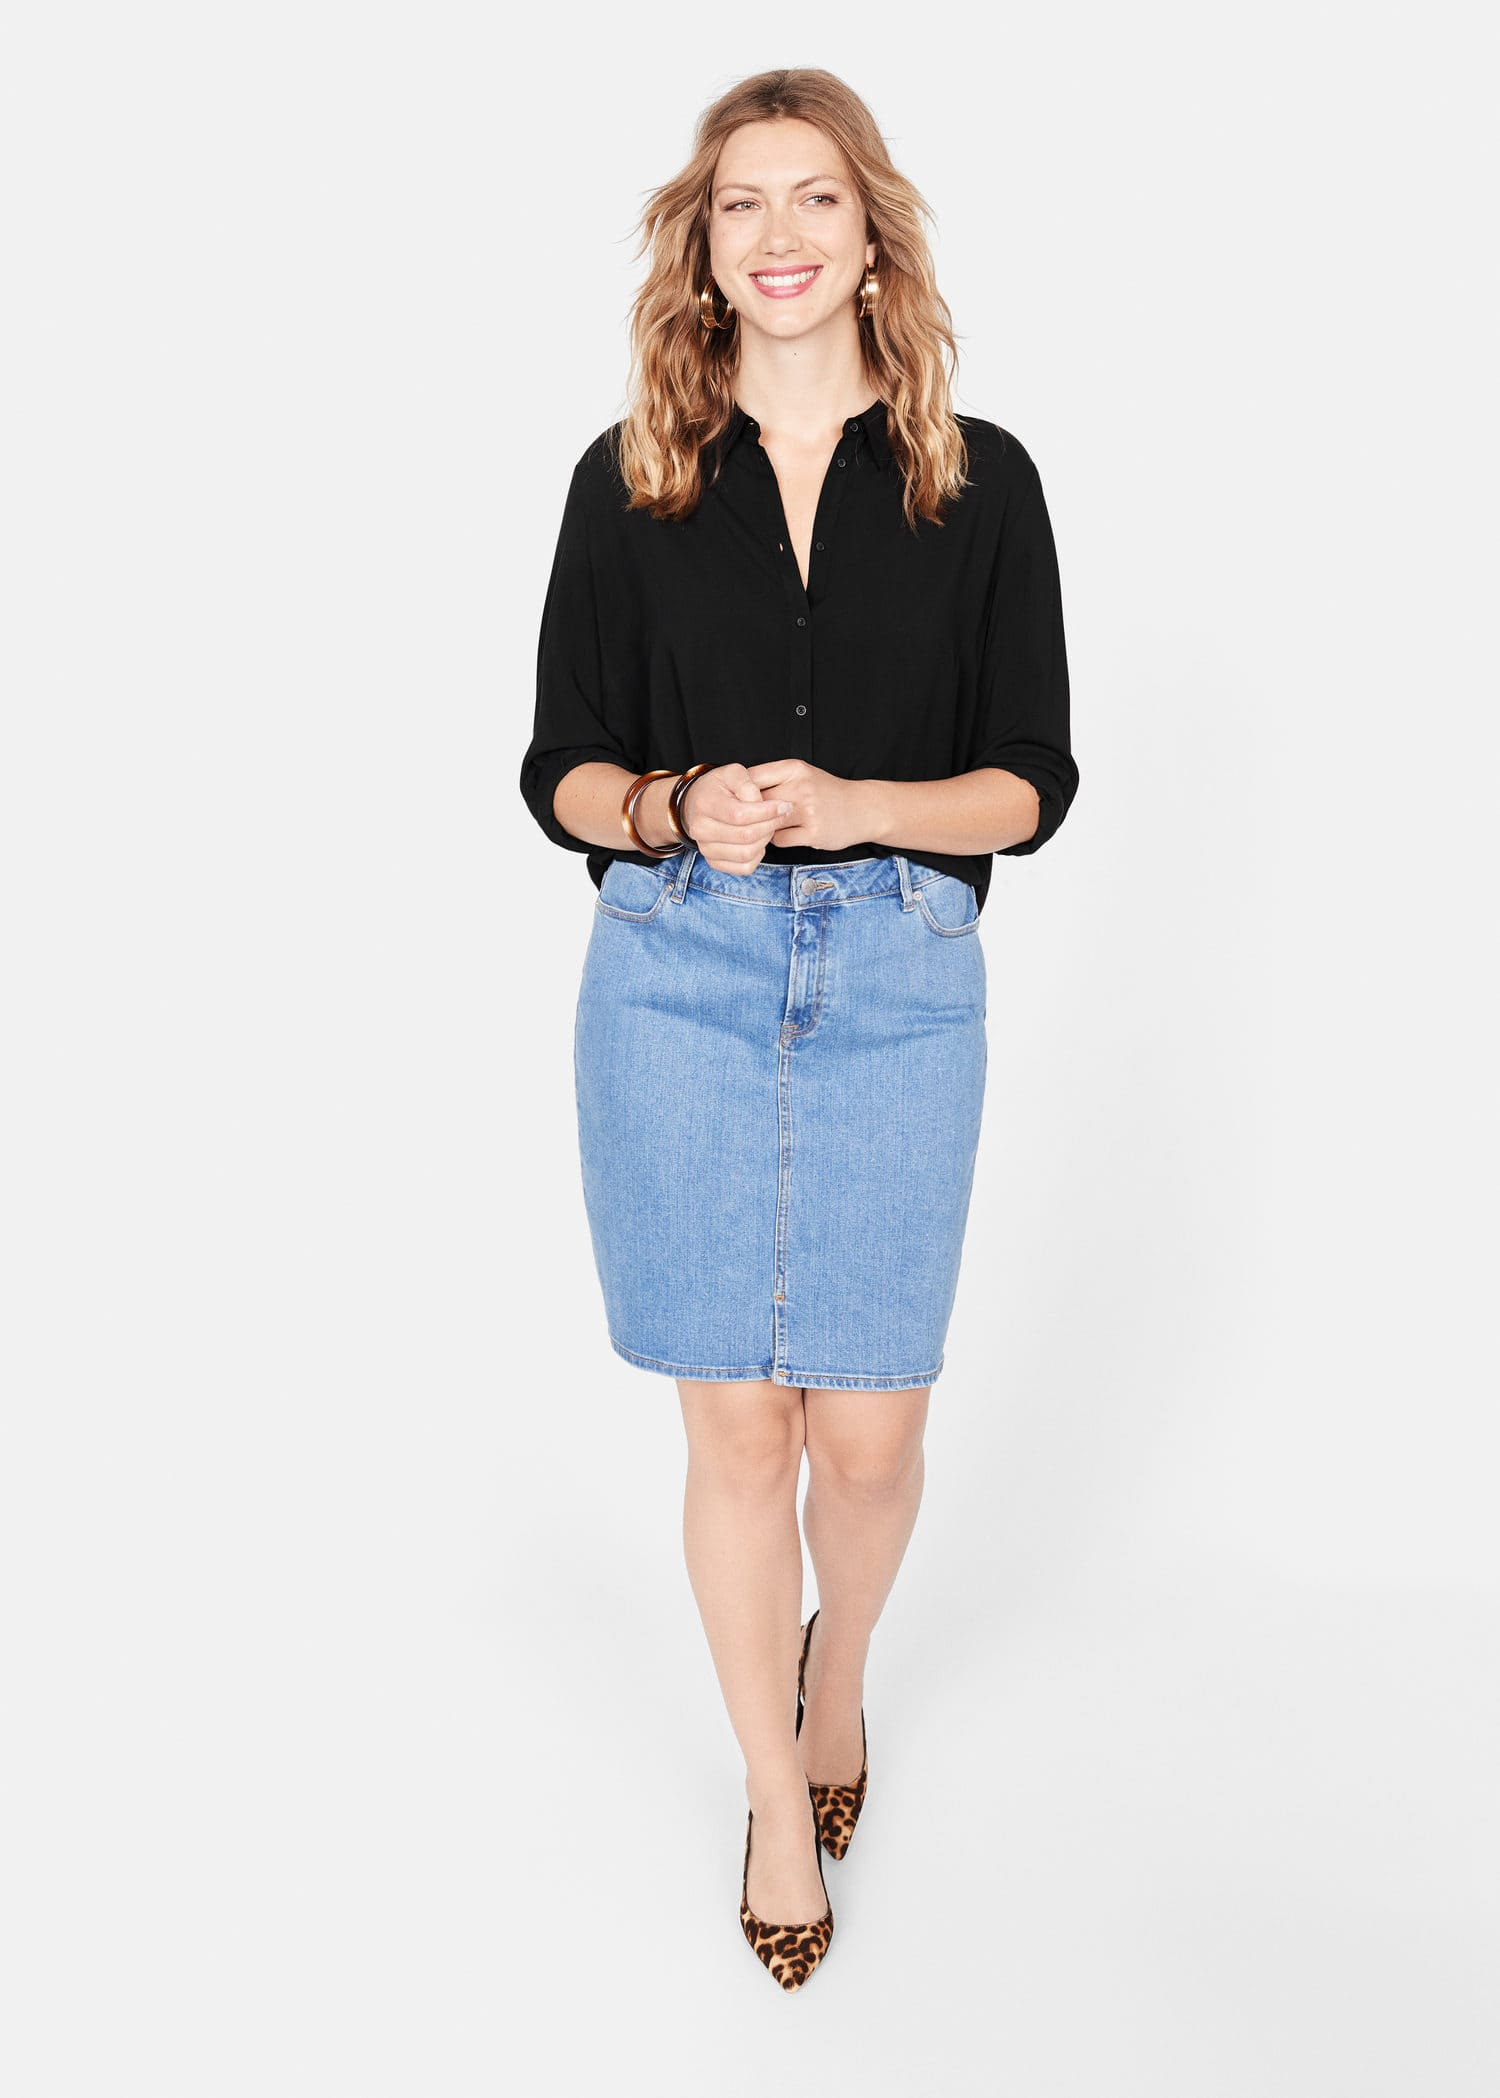 Løs skjorte med knapper Store størrelser | Violeta by